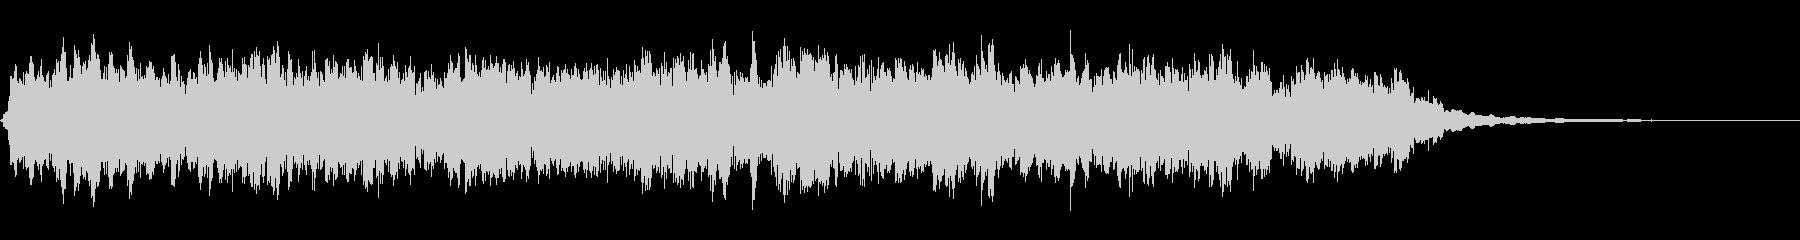 アラームクロックベル:呼び出し音、ベルの未再生の波形